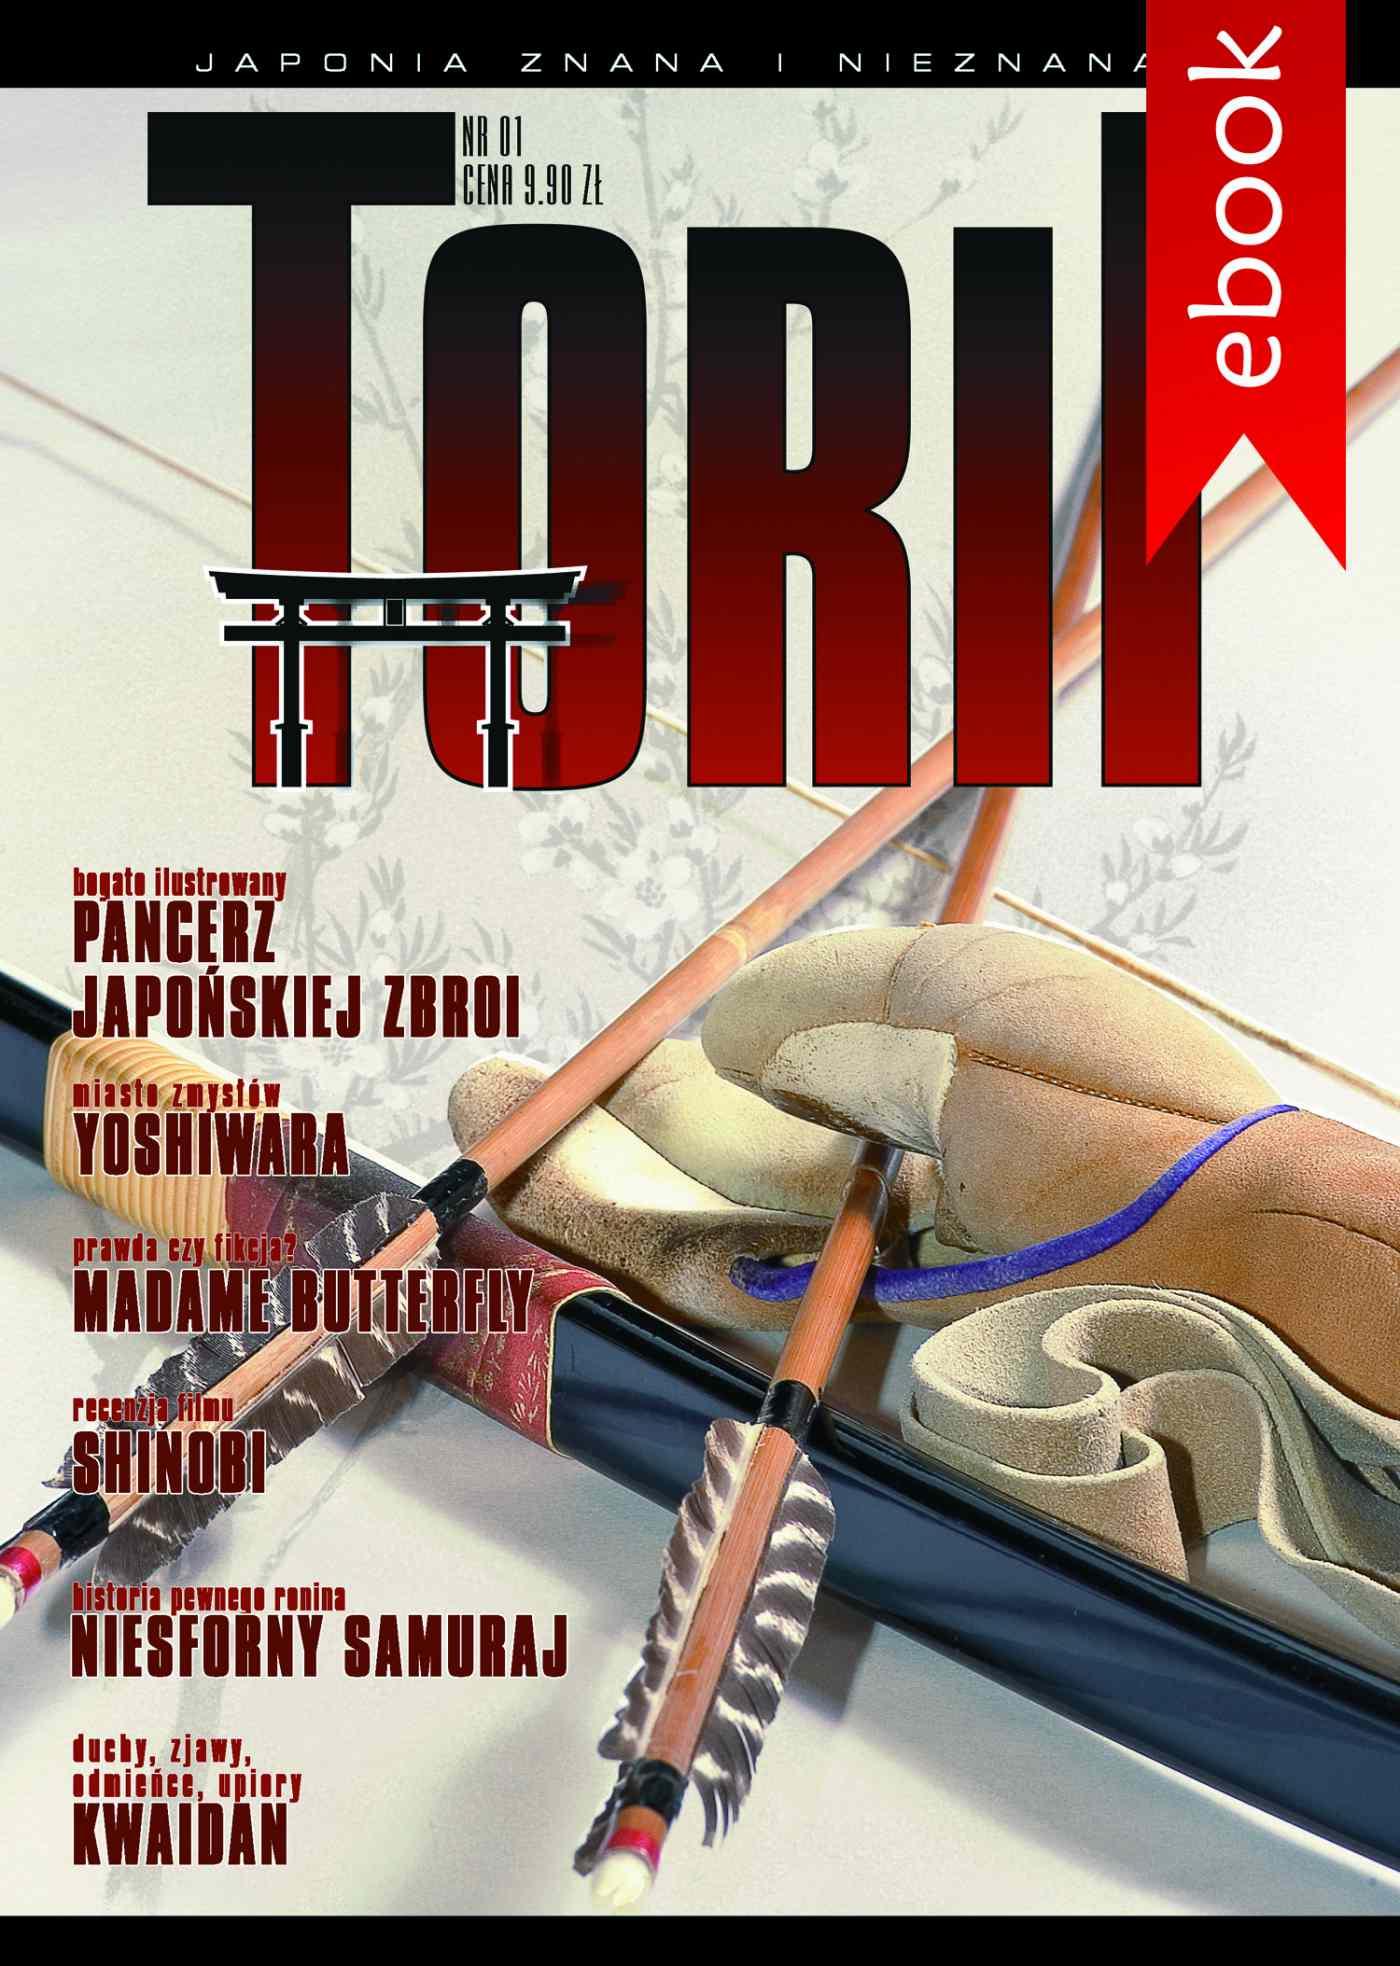 Torii. Japonia znana i nieznana #1 - Ebook (Książka EPUB) do pobrania w formacie EPUB